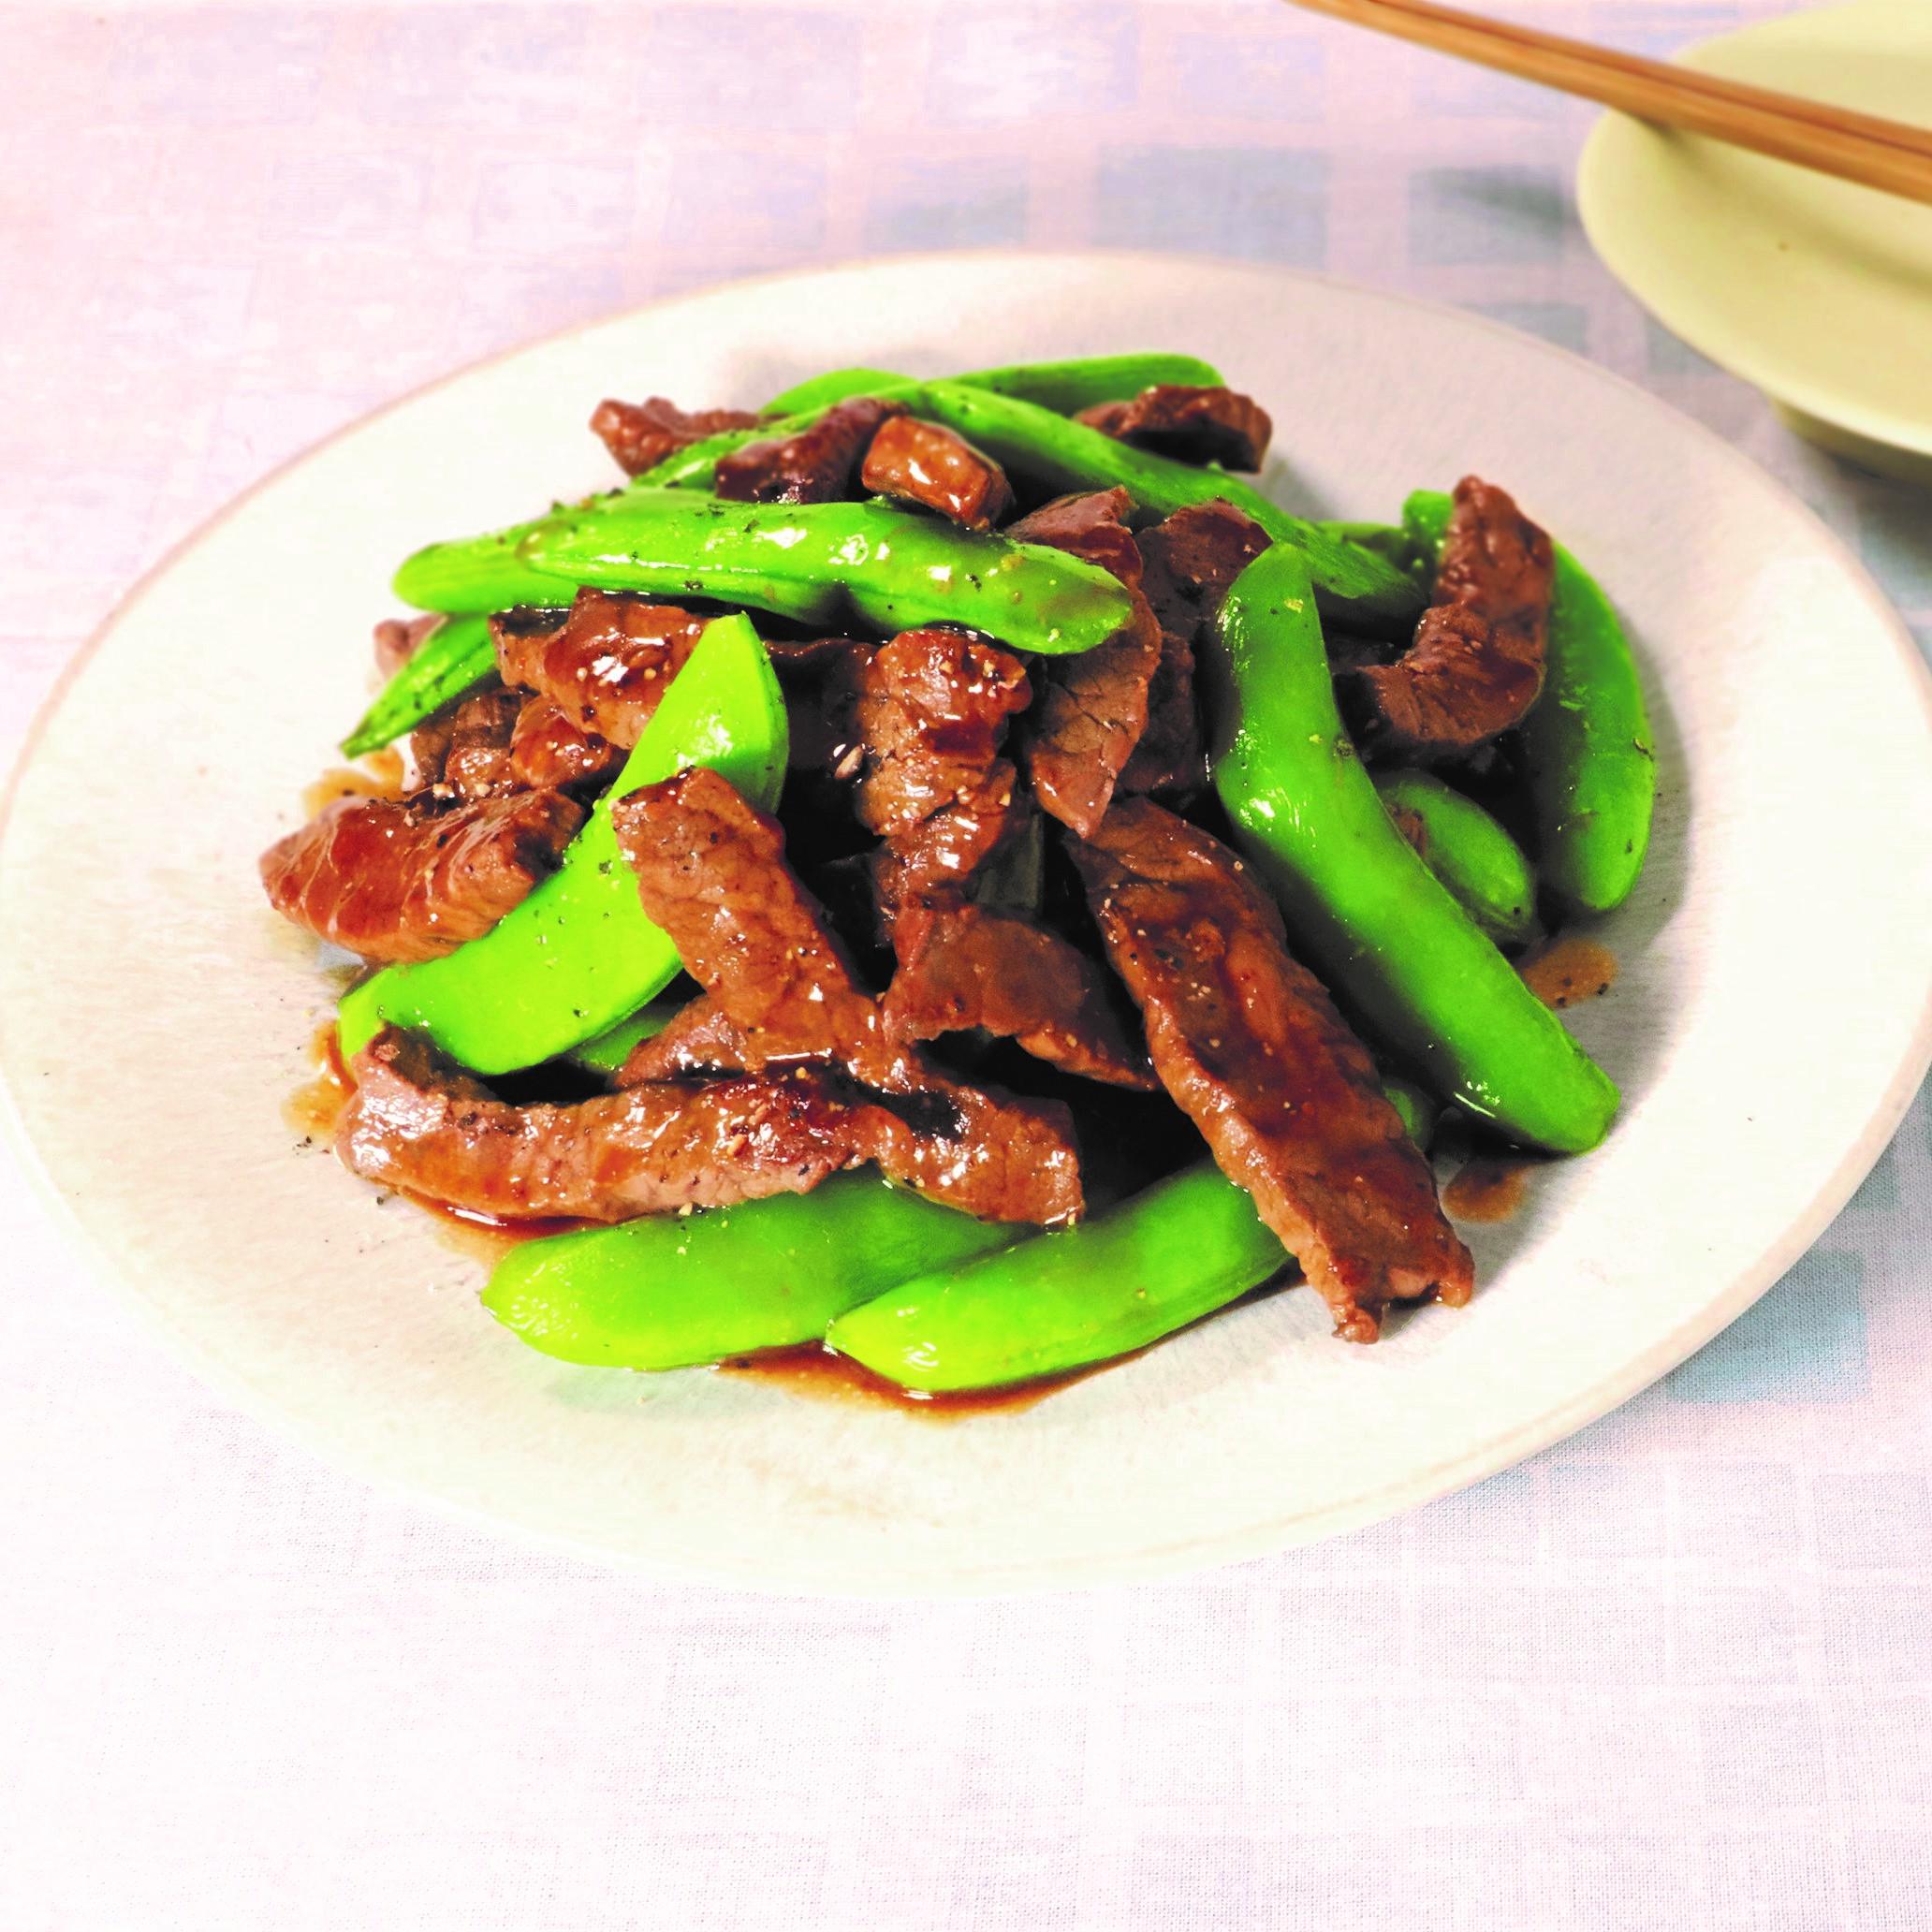 さっぱりスパイシー 牛肉の黒酢胡椒炒め(まろやか黒酢醤油たれ)